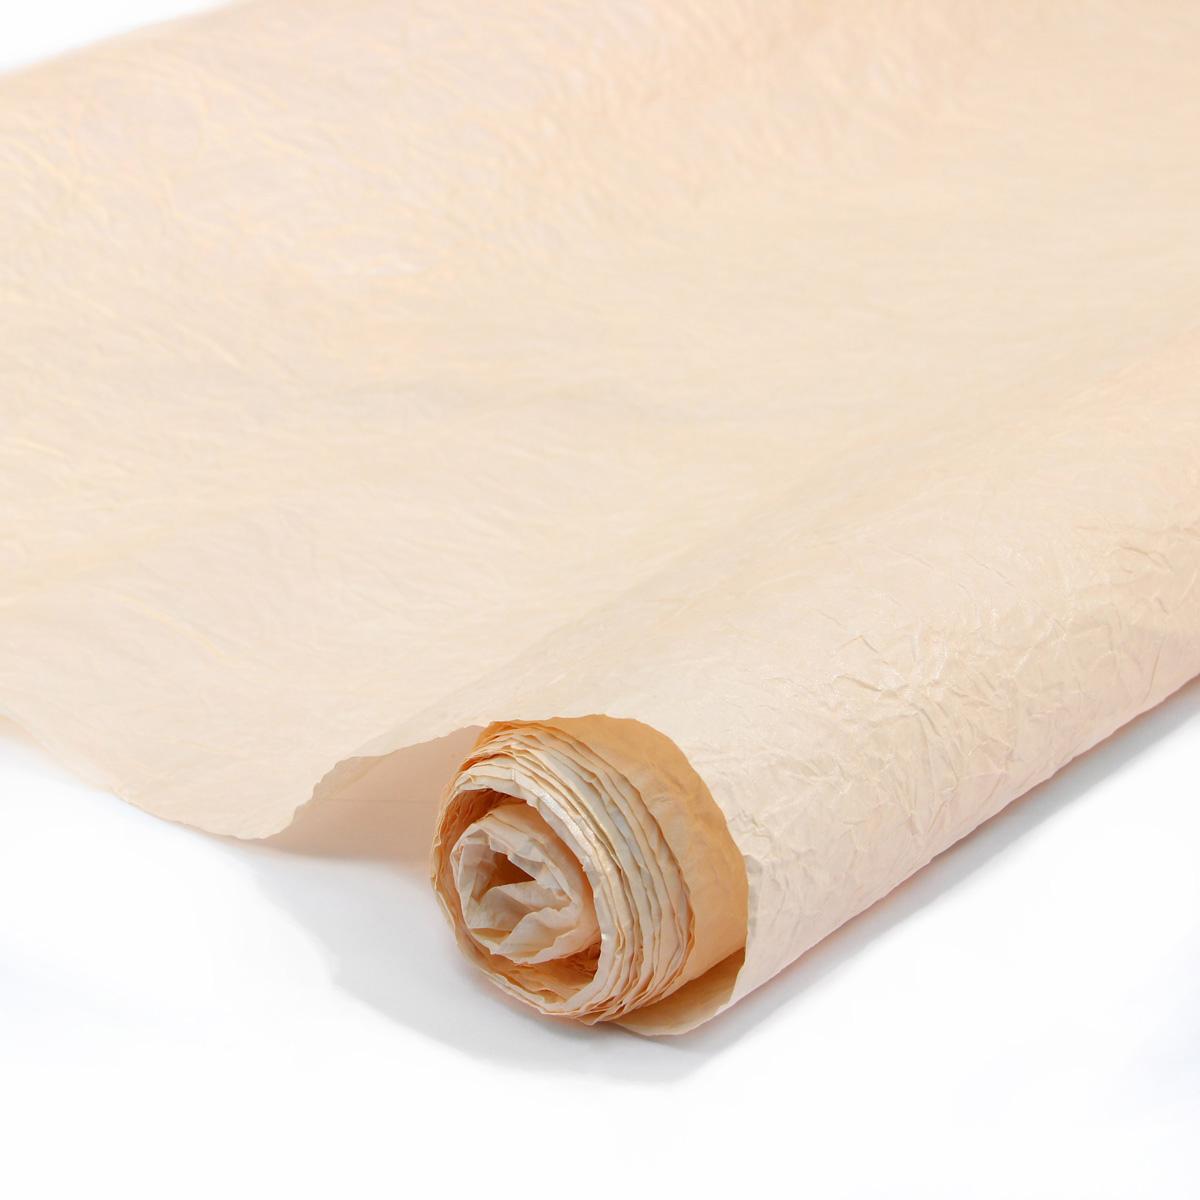 Бумага упаковочная Veld-Co Эколюкc, цвет: персиковый, серебристый, 70 см х 5 м44080Бумага Veld-Co Эколюкc - это универсальный материал дляупаковки подарков и оформления букетов. Она достаточноплотная и в тоже время пластичная. Благодаря органичнойфактуре, великолепно ложится и на нестандартные формы(круглые, овальные). Эта бумага хорошо комбинируется с другими материалами. Её можноиспользовать в качестве декоративных элементов. К ней легко подобратьаксессуары - подойдут натуральные шнуры, рафия, ленты (репсовая,шёлковая, хлопковая). Благодаря этому материалу - мастер выполнитлюбую задачу, поставленную перед ним. Ко всему прочему- бумагу в рулоне удобнее хранить, использовать,транспортировать.